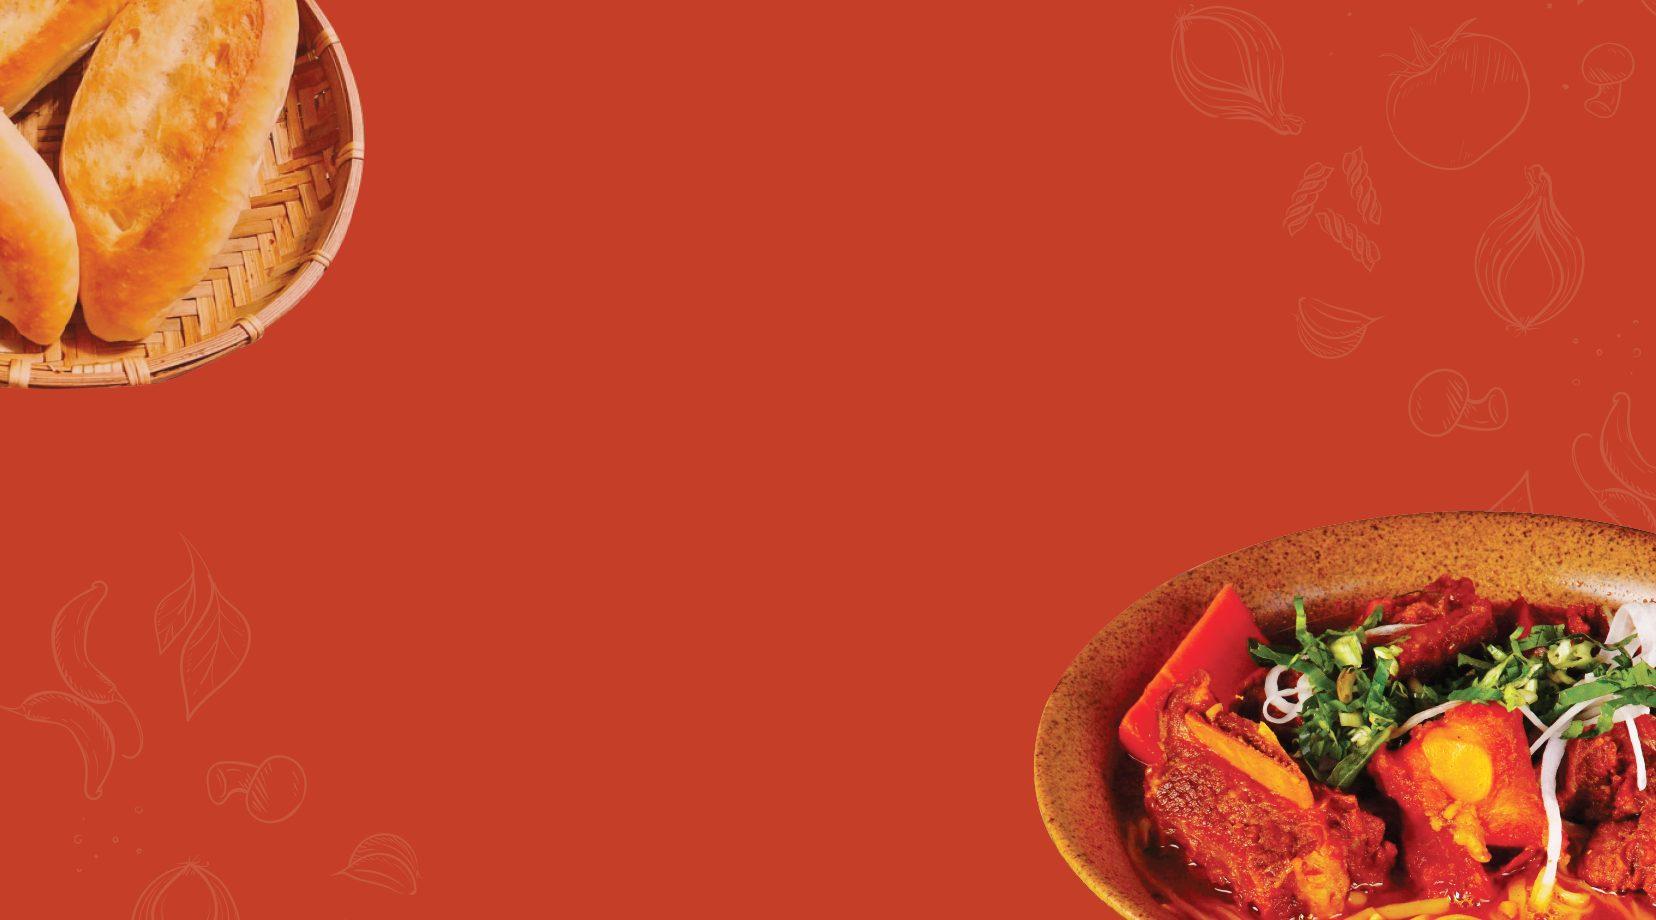 Bò kho cô mai - 35 Năm chuẩn một hương vị